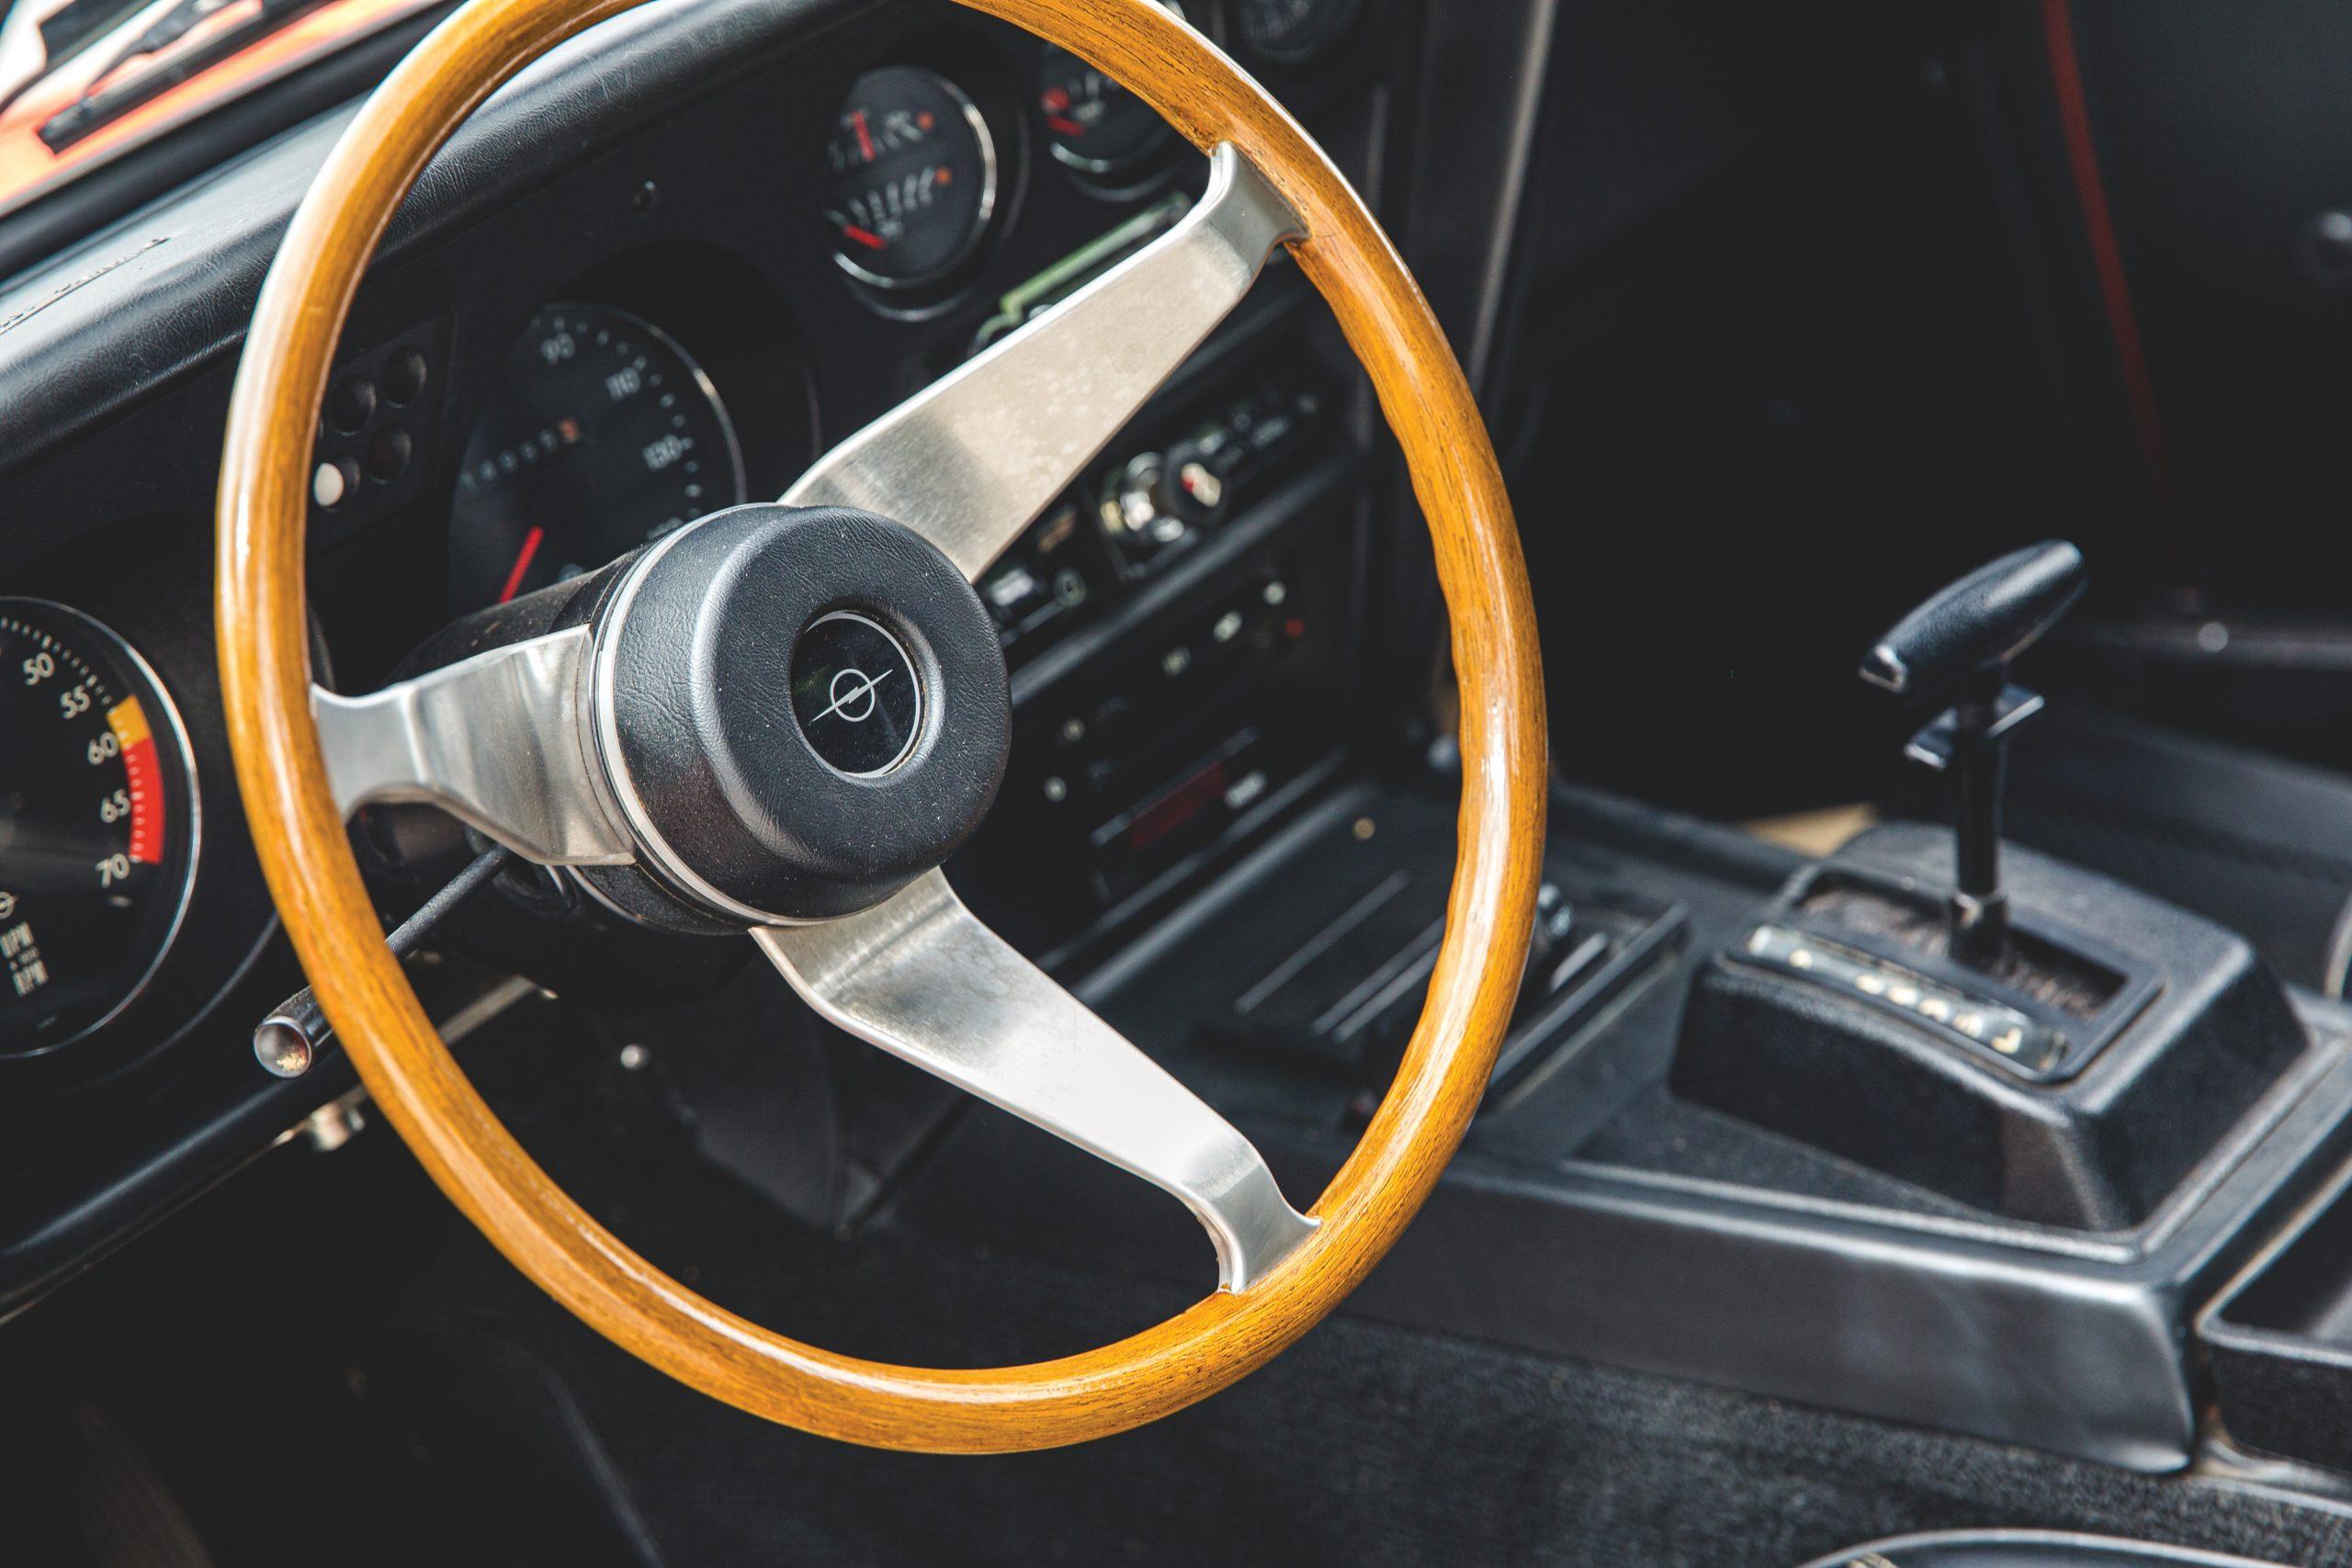 1973 Opel GT interior steering wheel detail